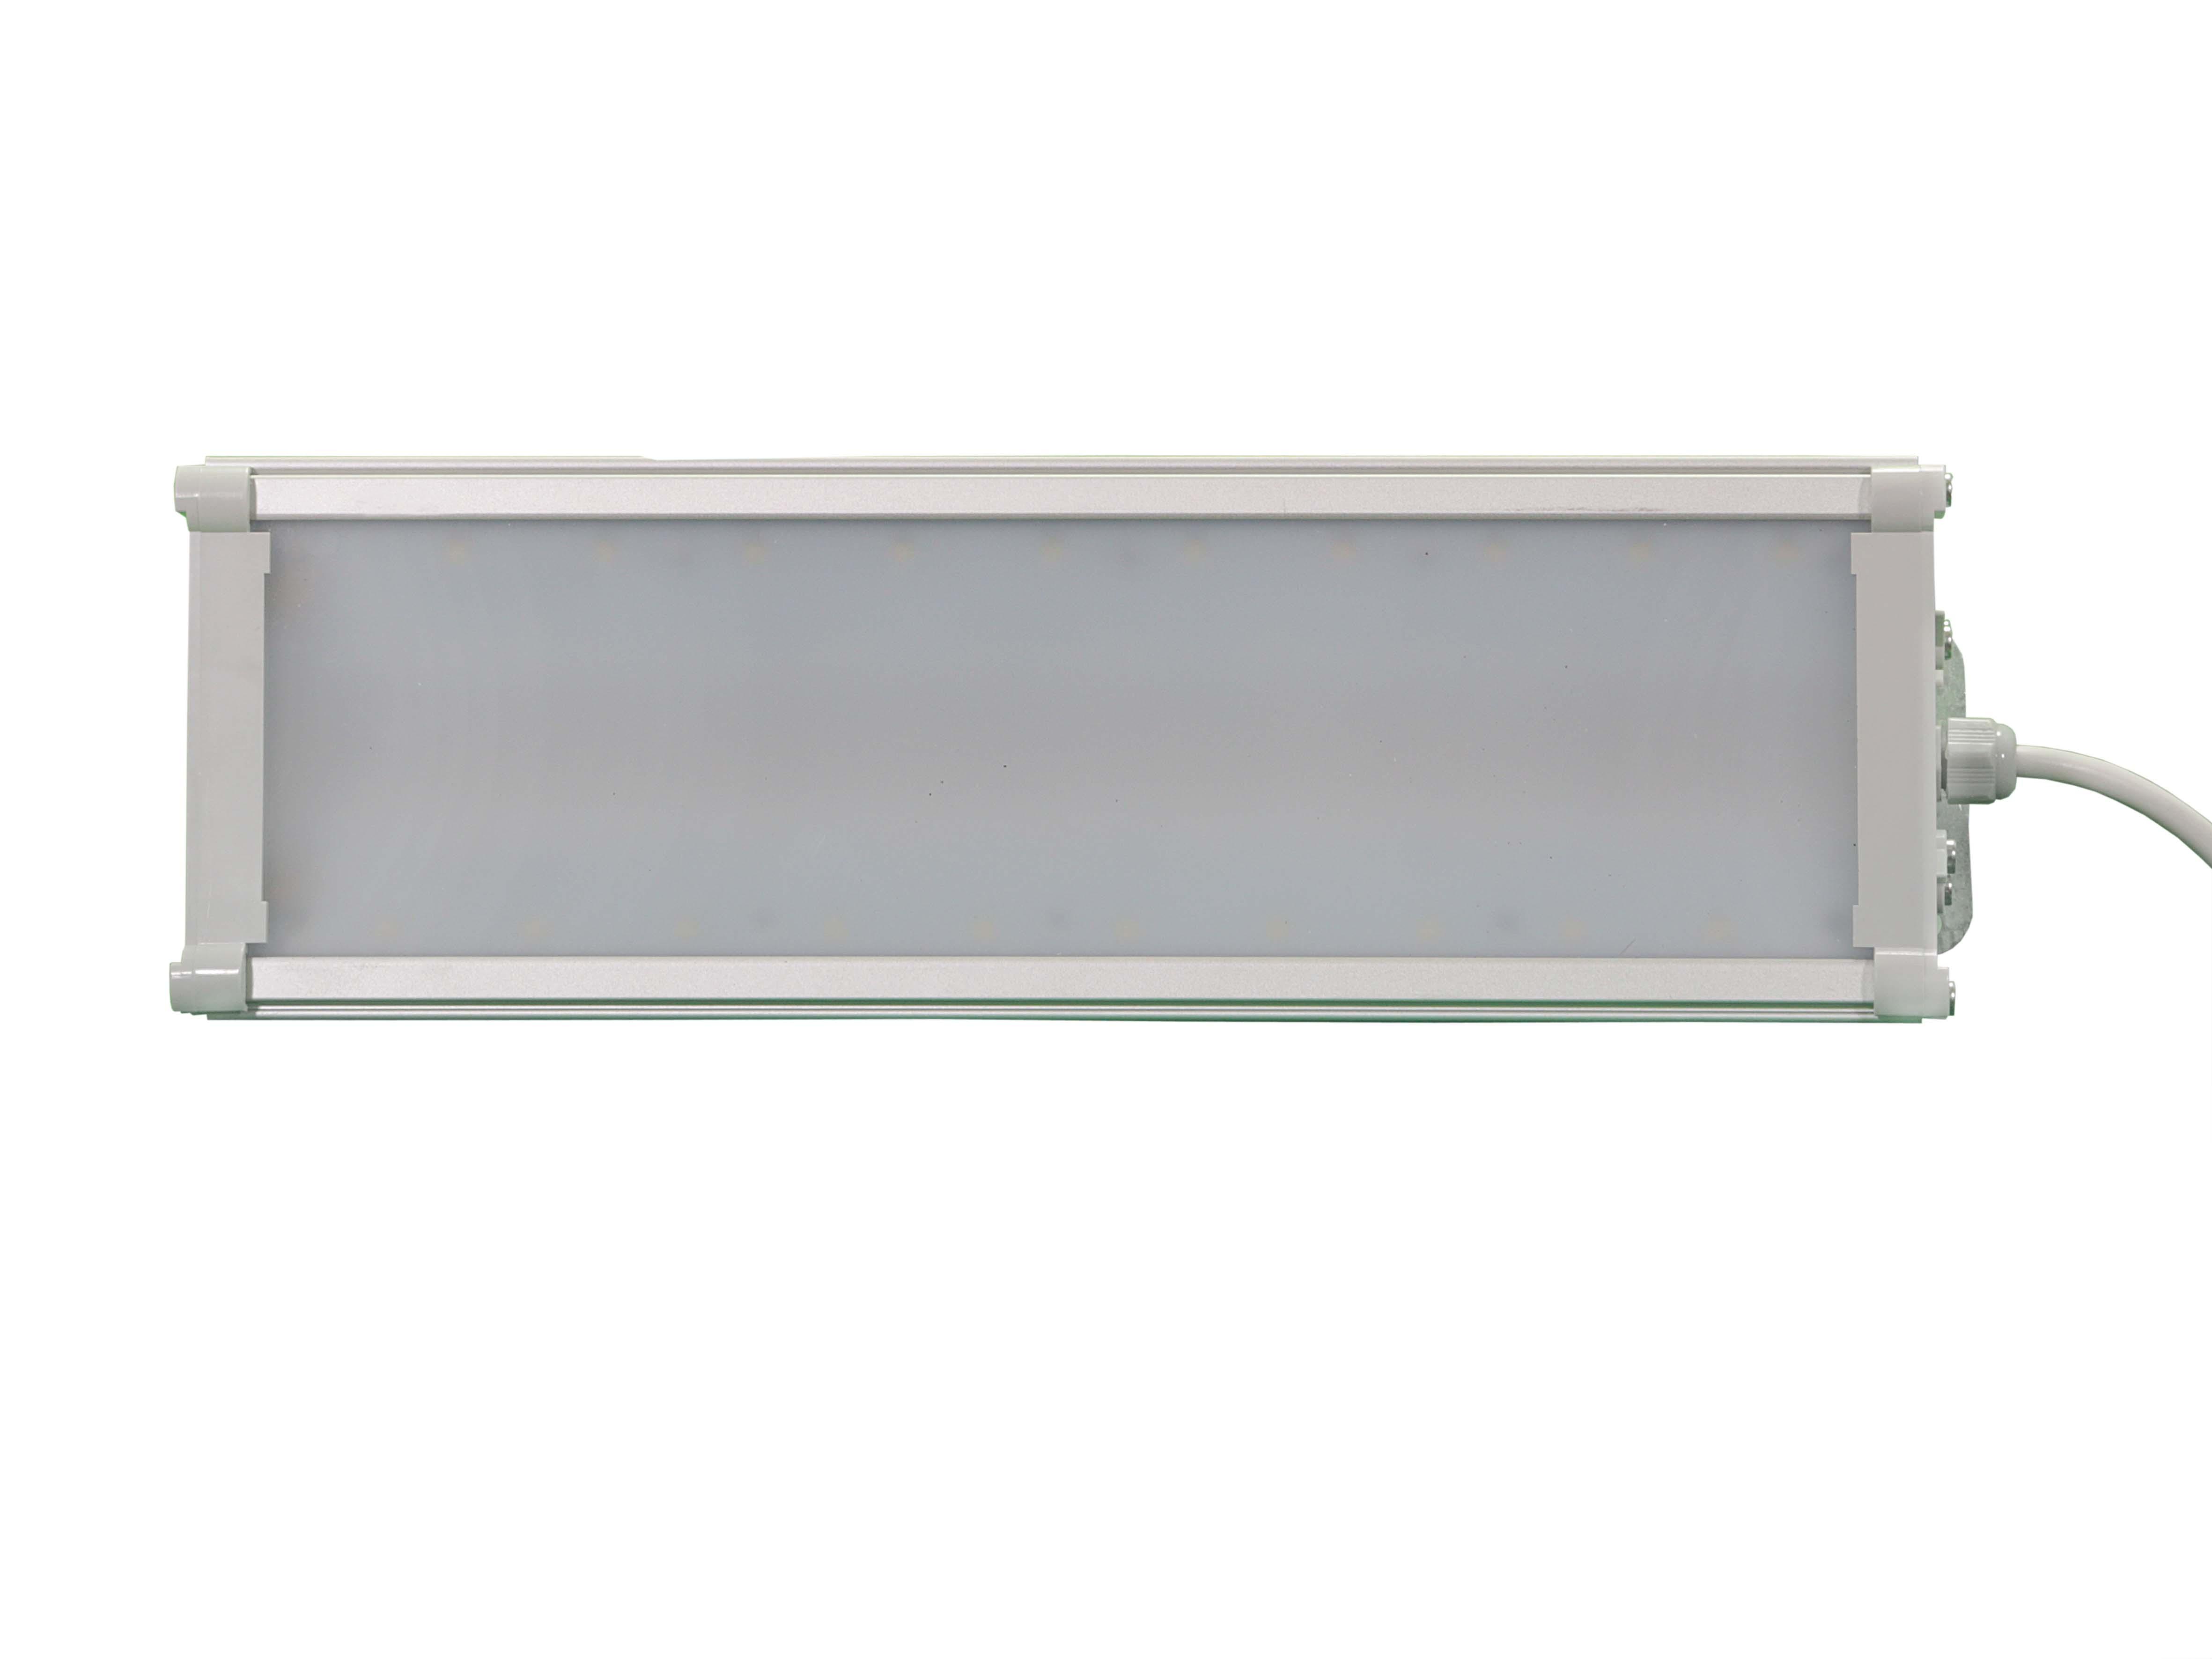 Промышленный светодиодный светильник ДБП-012-200 200Вт 23296Лм